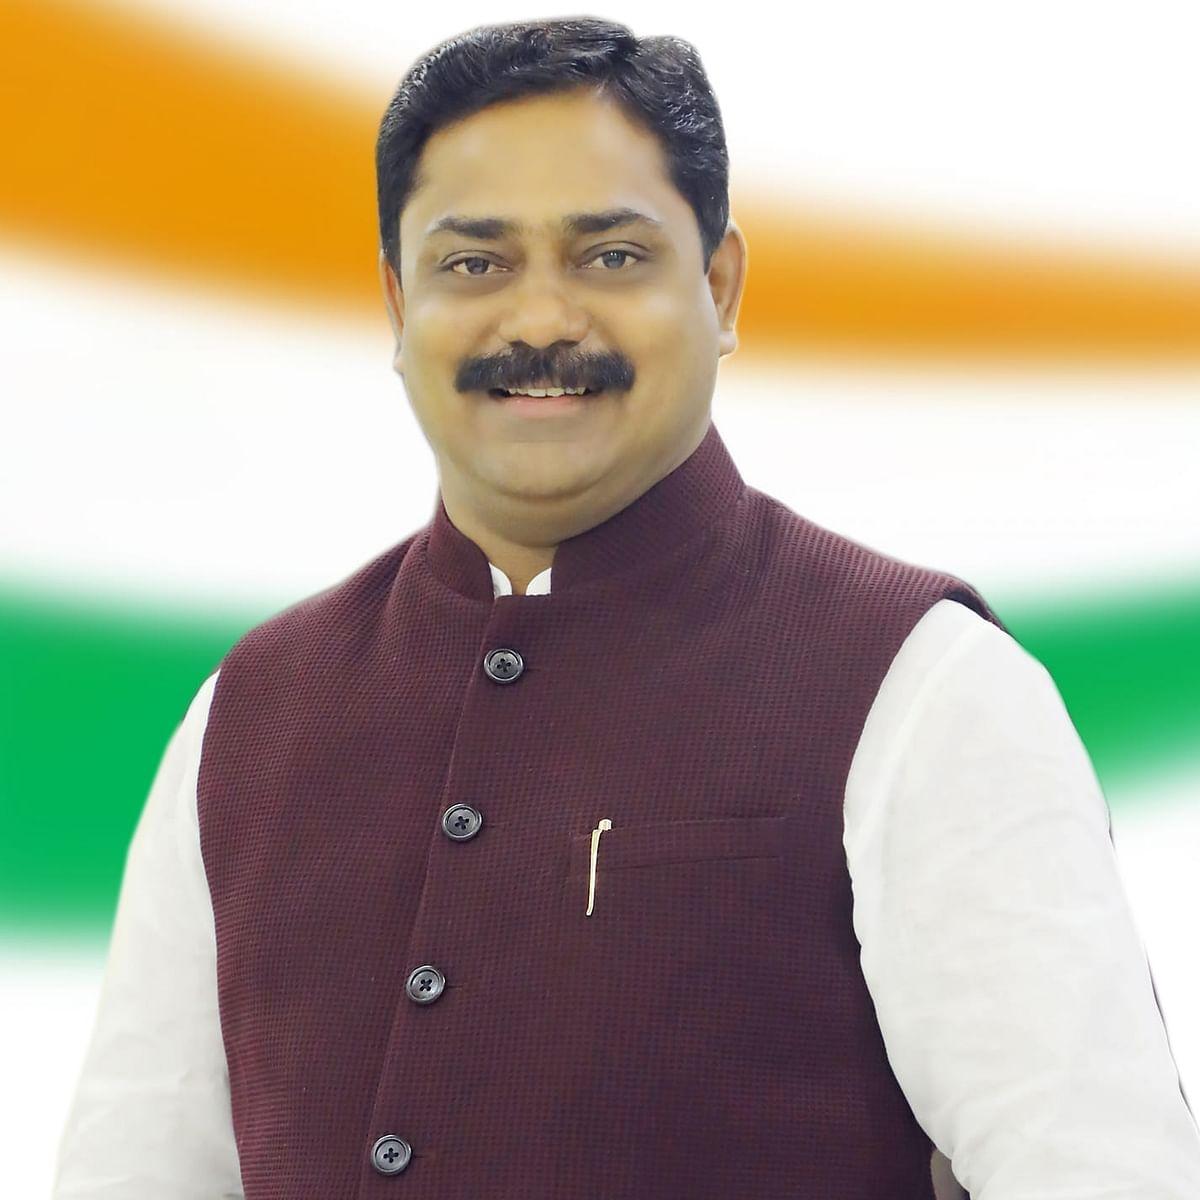 Maharashtra: Congress leader Sangram Thopte front-runner for post of Assembly speaker